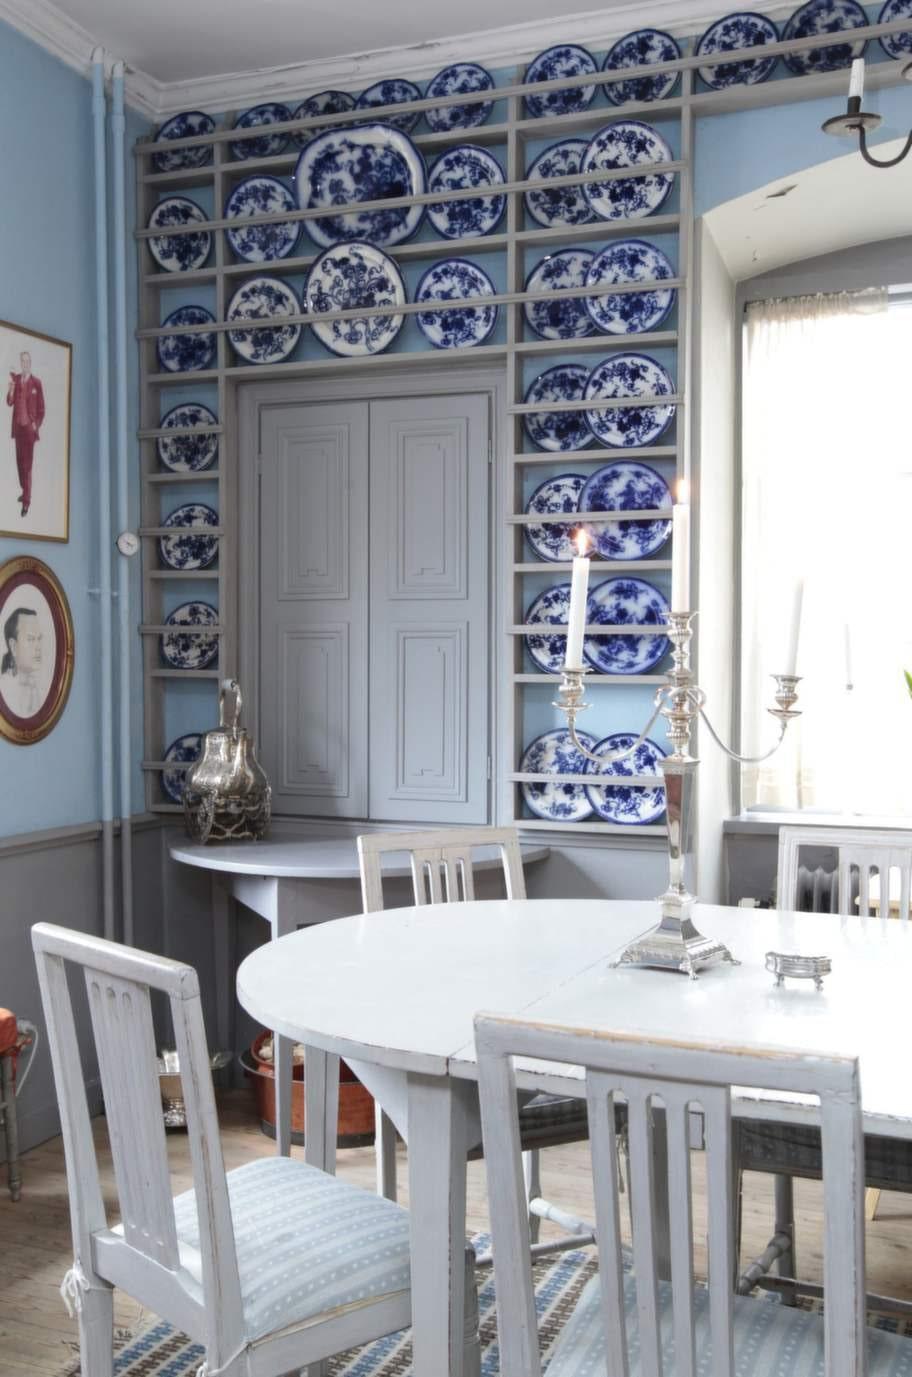 Frukostrum. Gustavsbergs Blå krasse pryder väggarna i porslinsköket. Den provinsiella gustavianska matsalsgruppen, från tidigt 1800-tal, har sitt ursprung i Bergslagen.